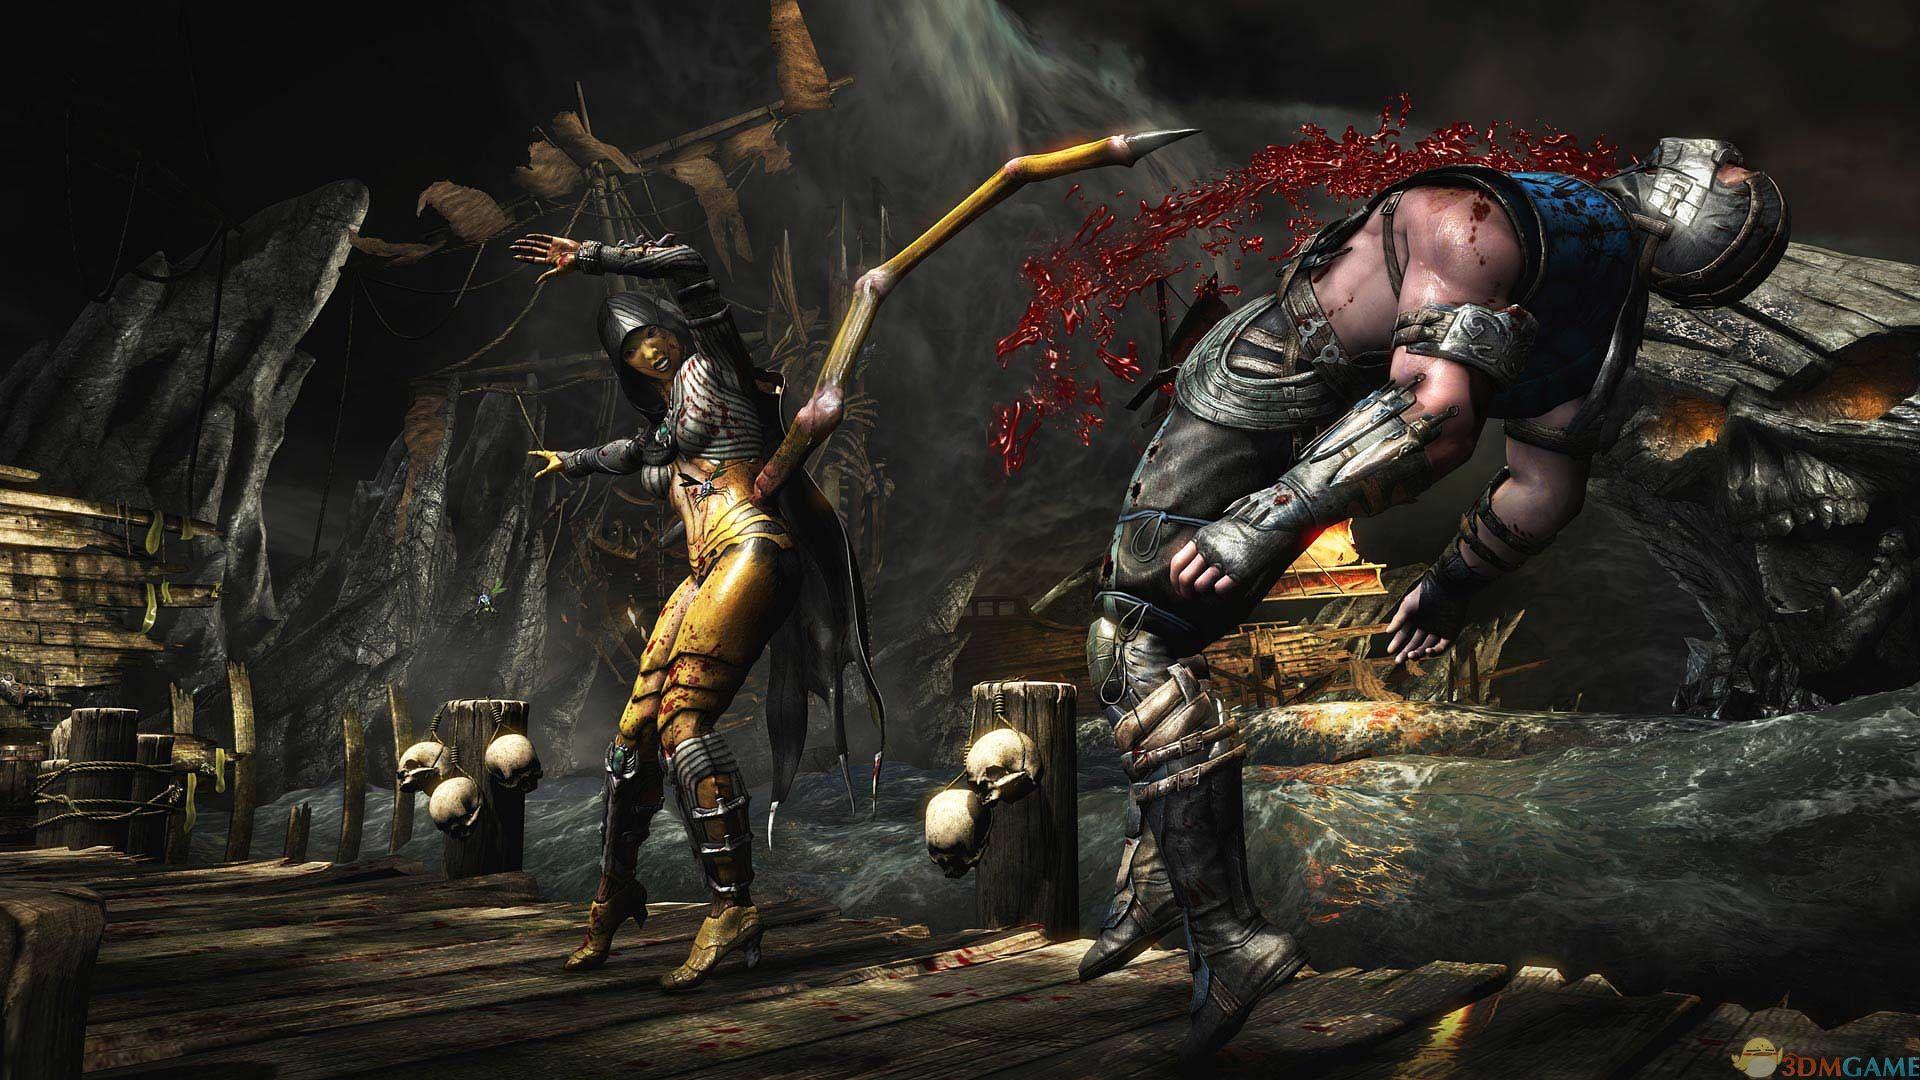 真人快打X/Mortal Kombat X